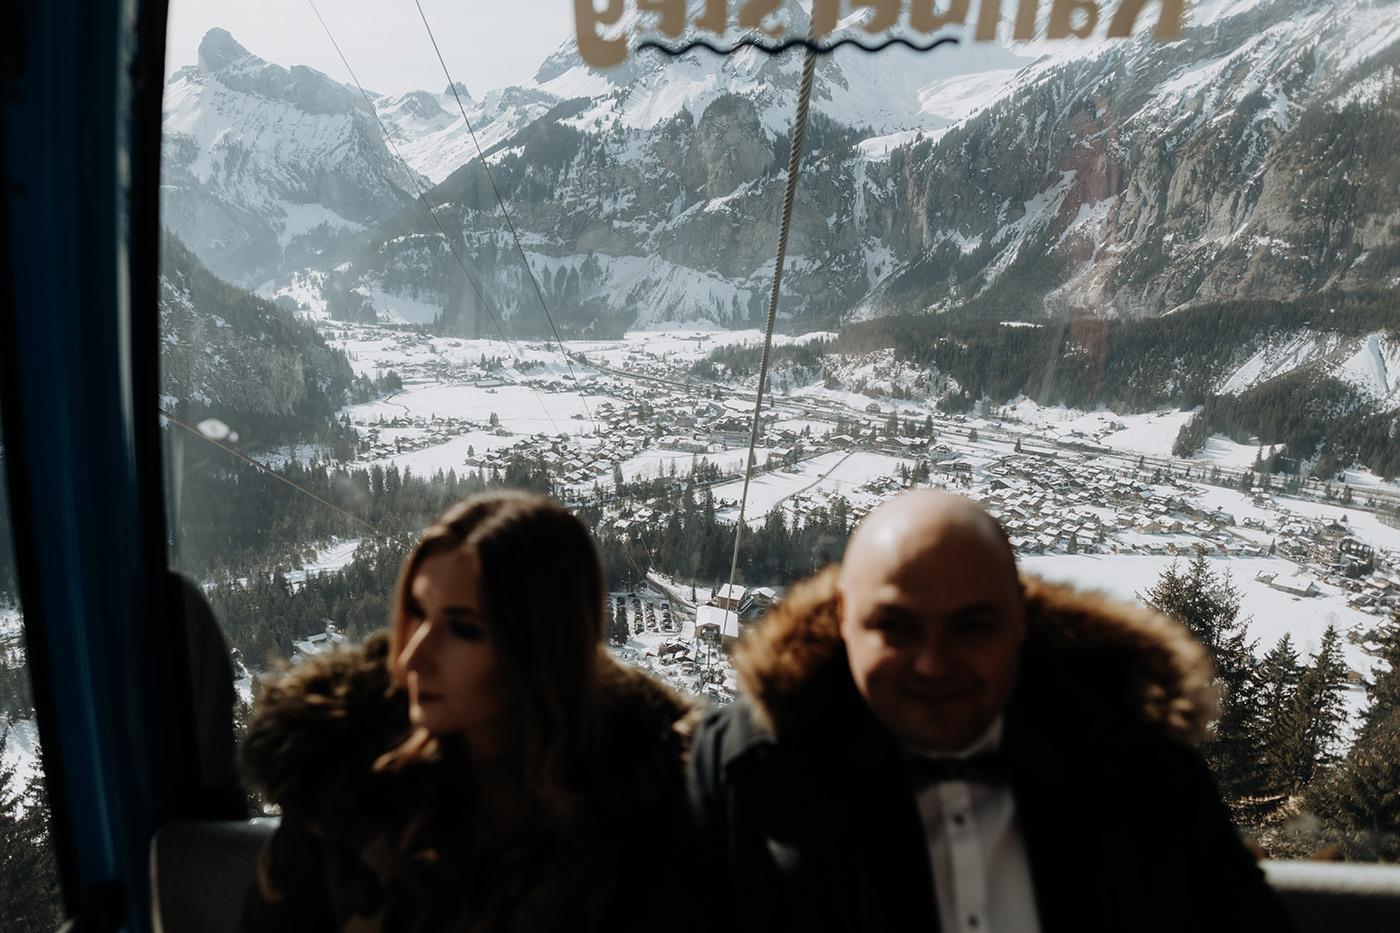 Szwajcaria - sesja plenerowa 8